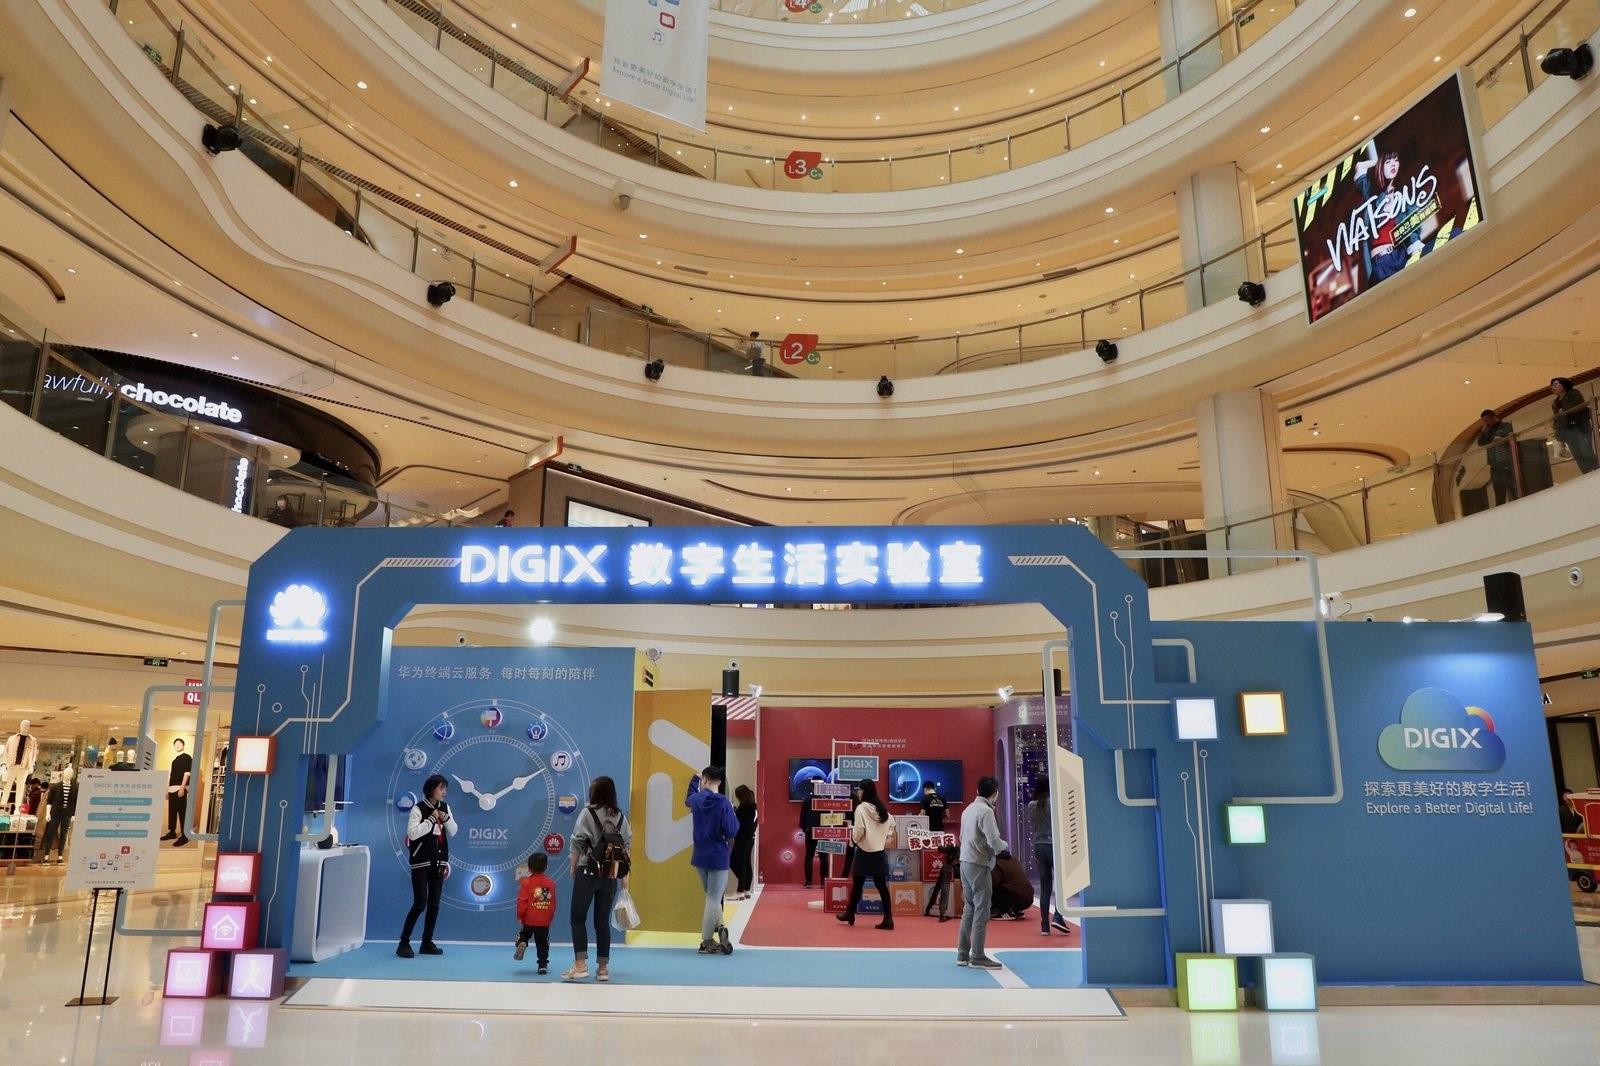 DigiX数字生活节重庆站 探索更美好数字生活